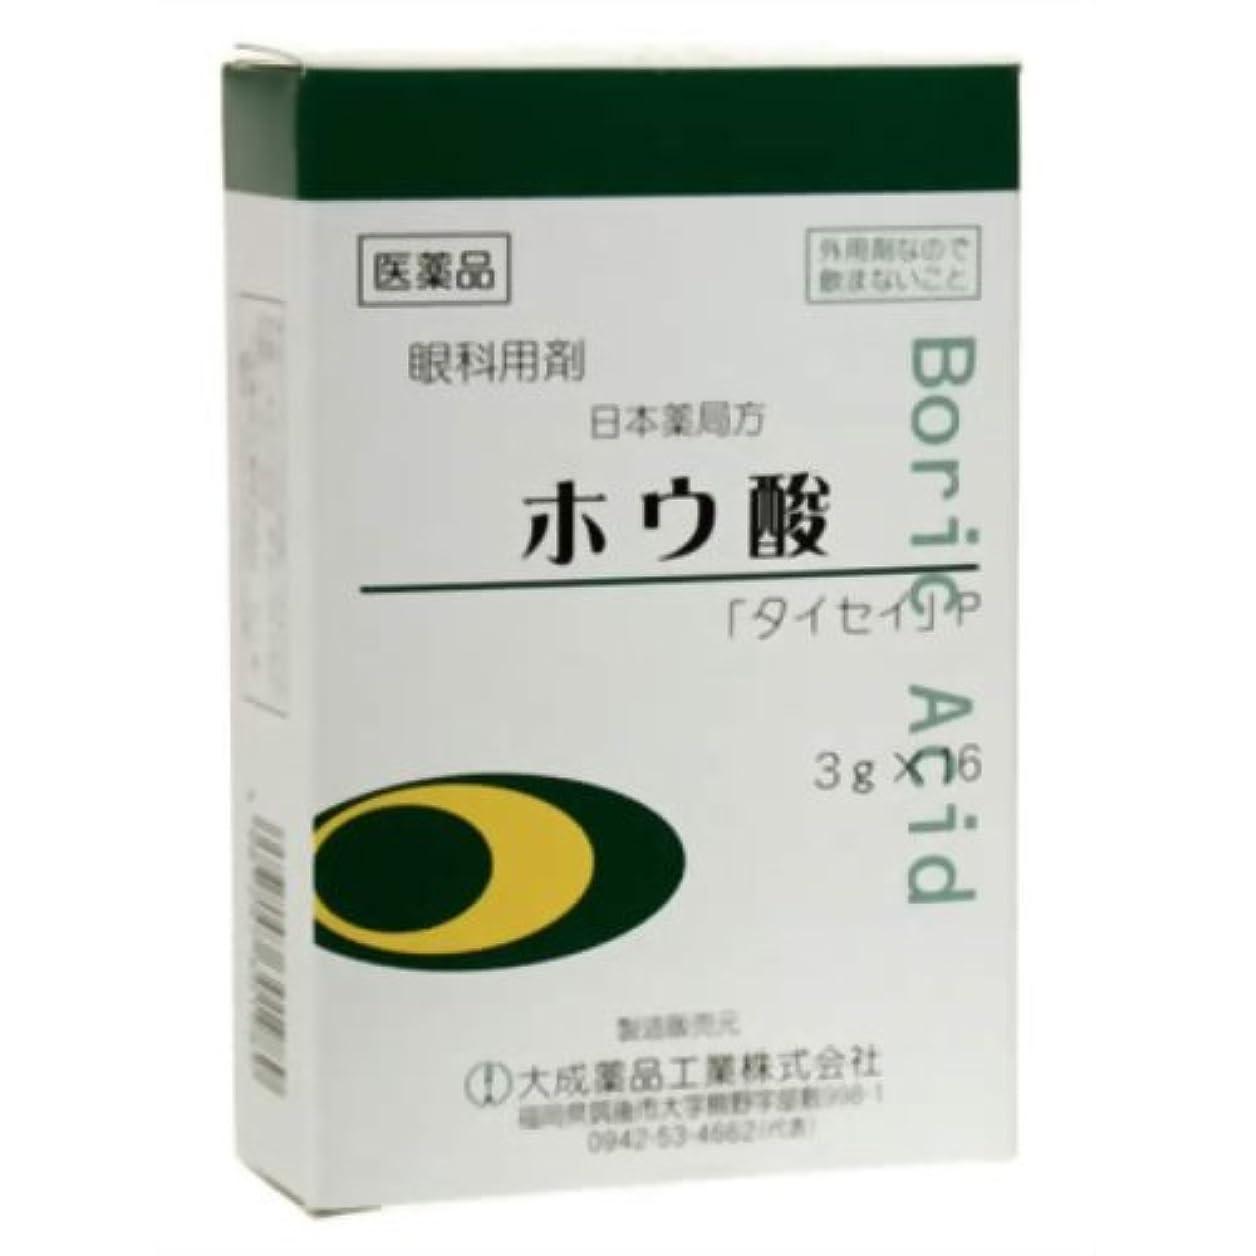 血ノイズ専門【第3類医薬品】ホウ酸「タイセイ」P 3g×16